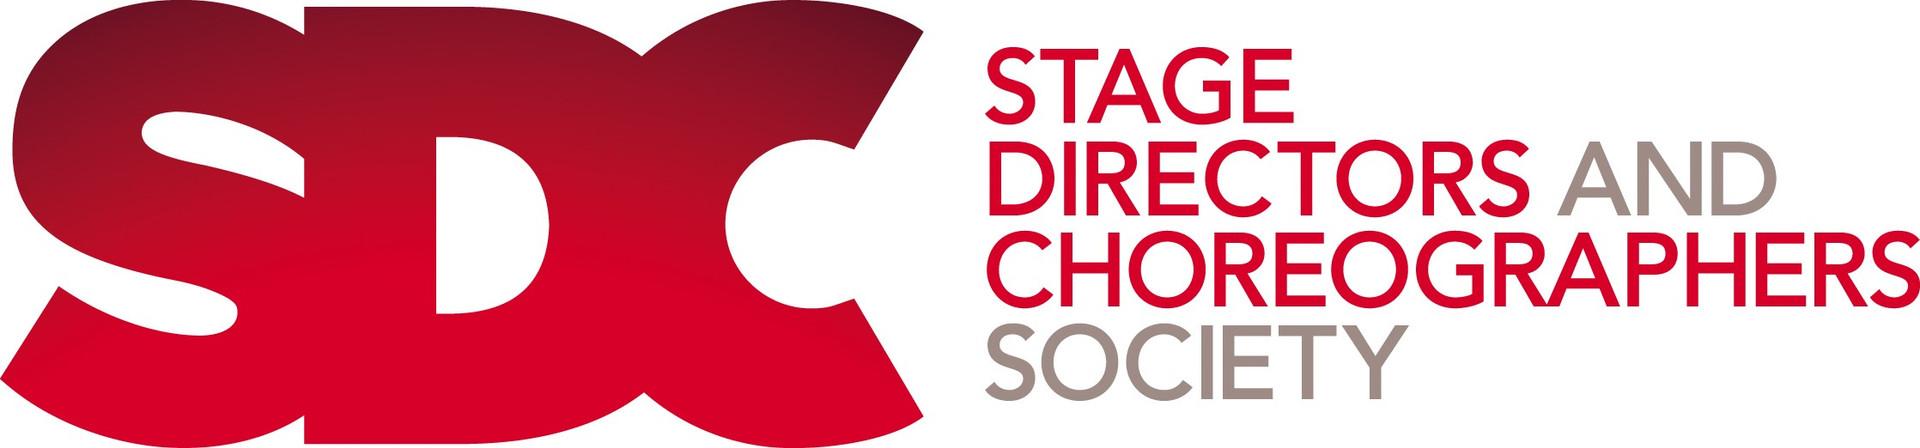 SDC-website-logo.jpg